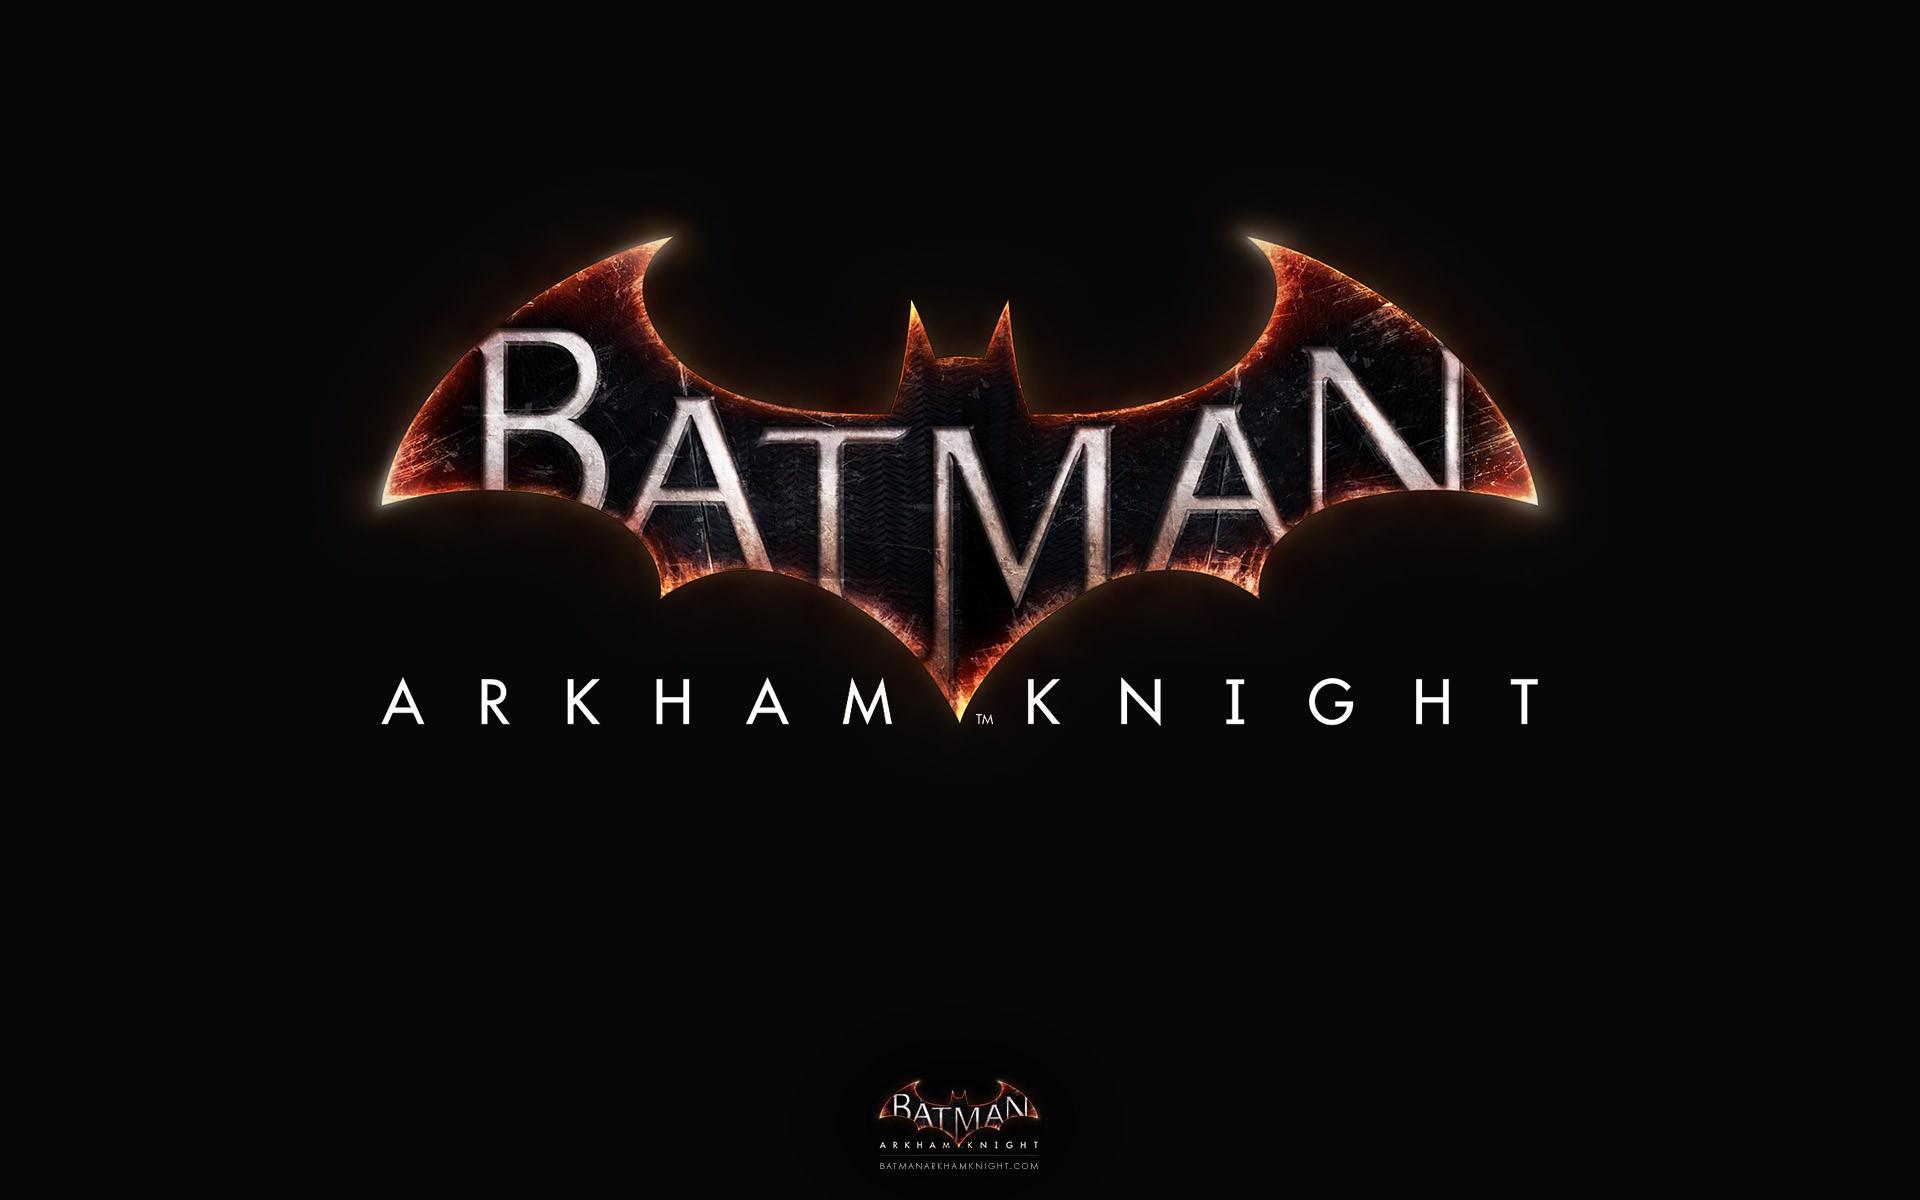 Does Batman need a break?